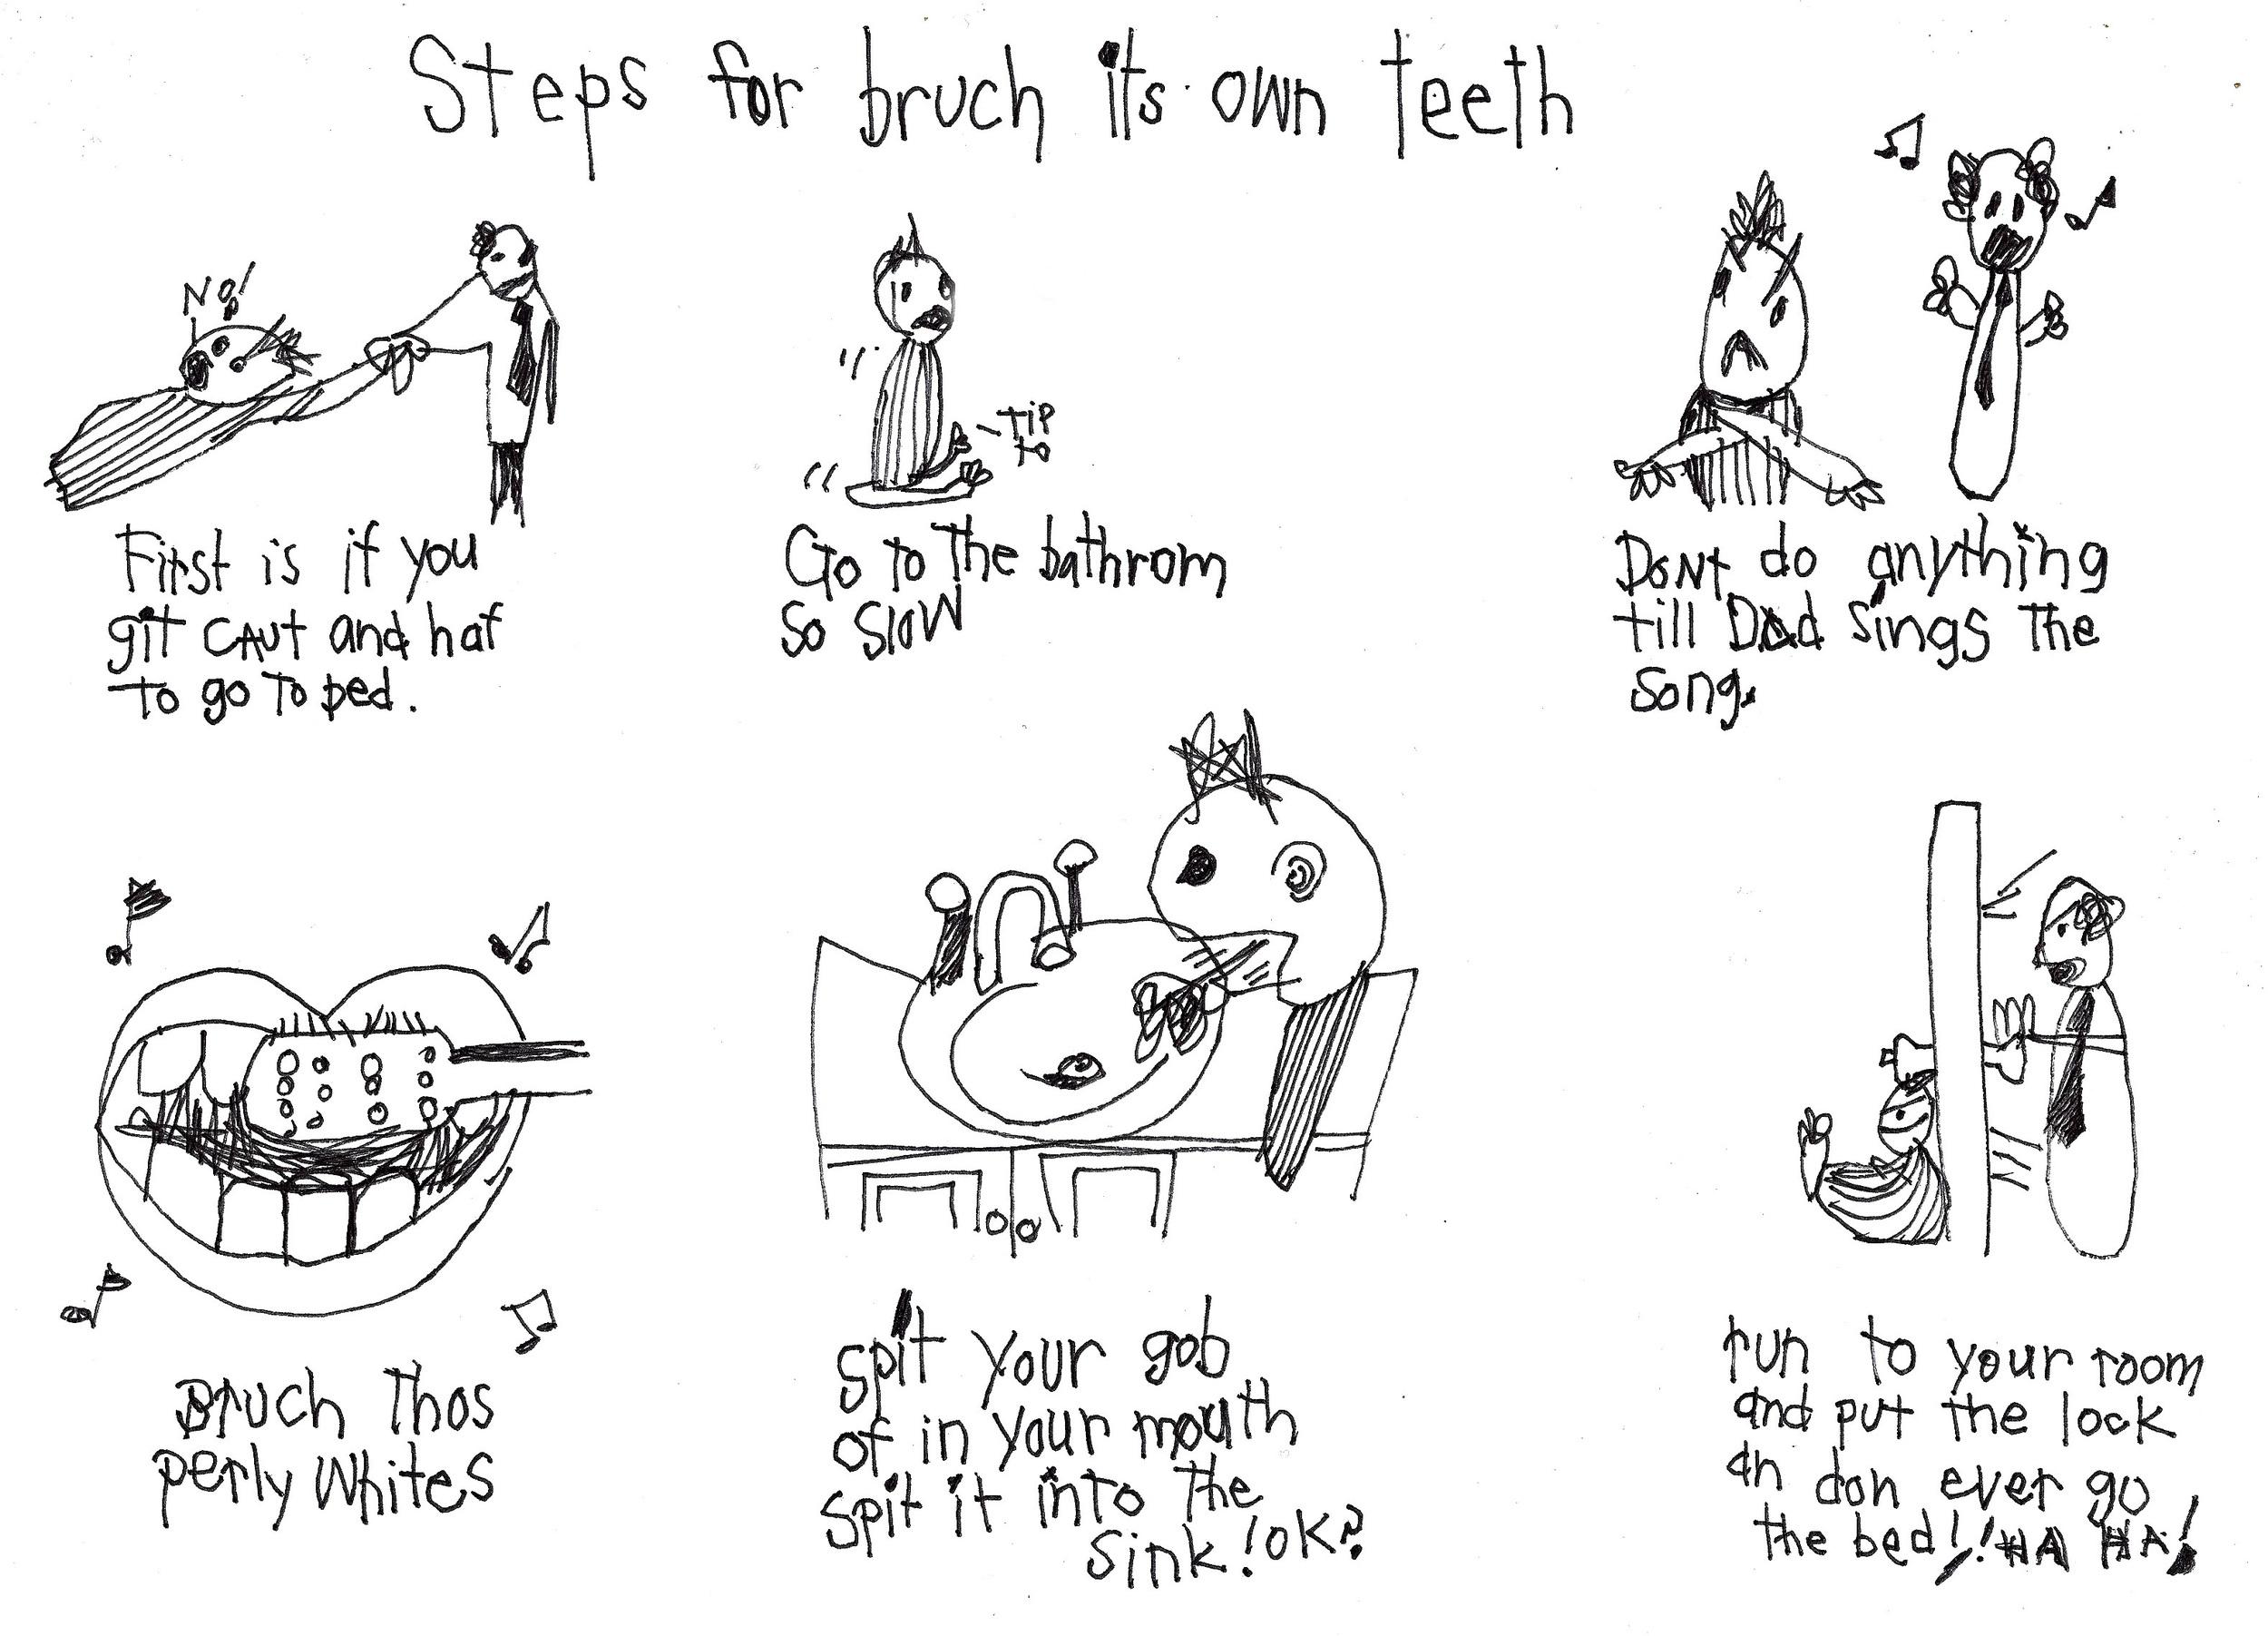 bruch its own teeth!.jpg